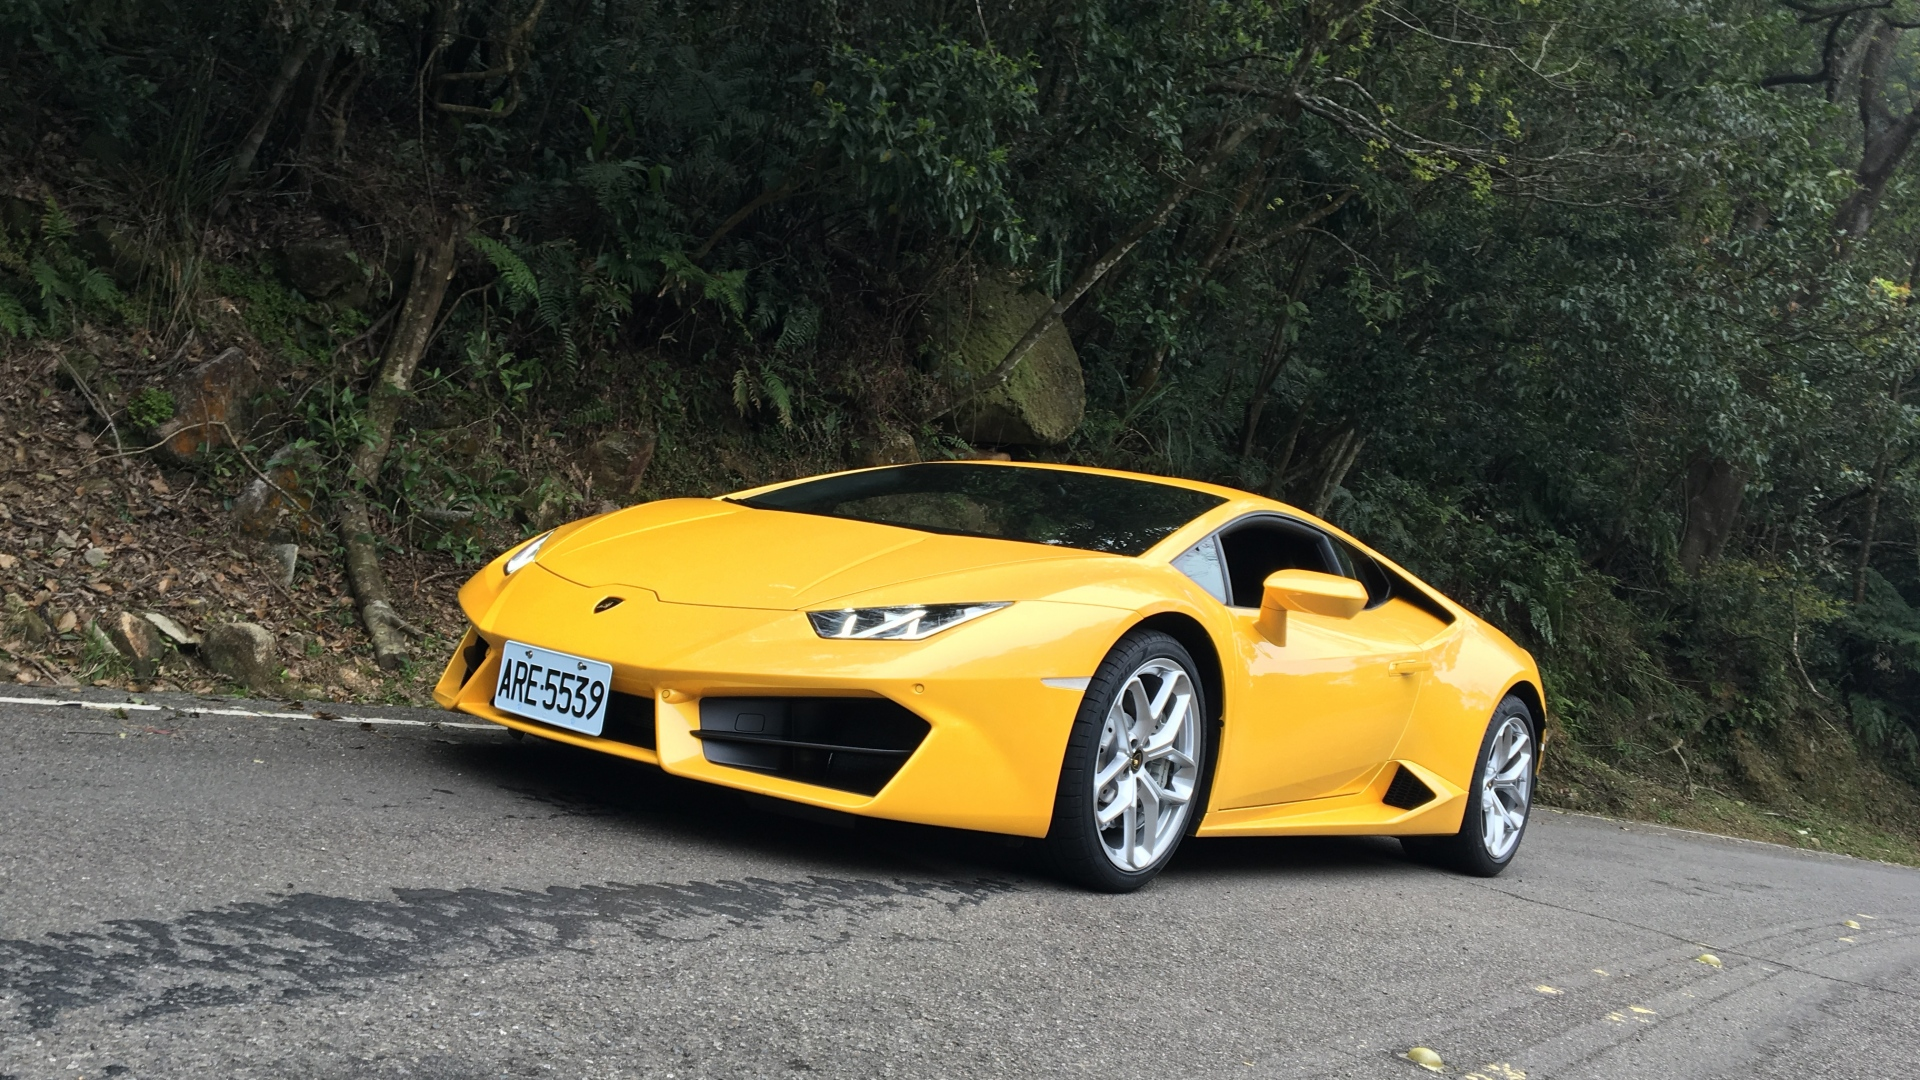 Hd Hintergrundbilder Lamborghini Gelb Vorderansicht Sportwagen Desktop Hintergrund